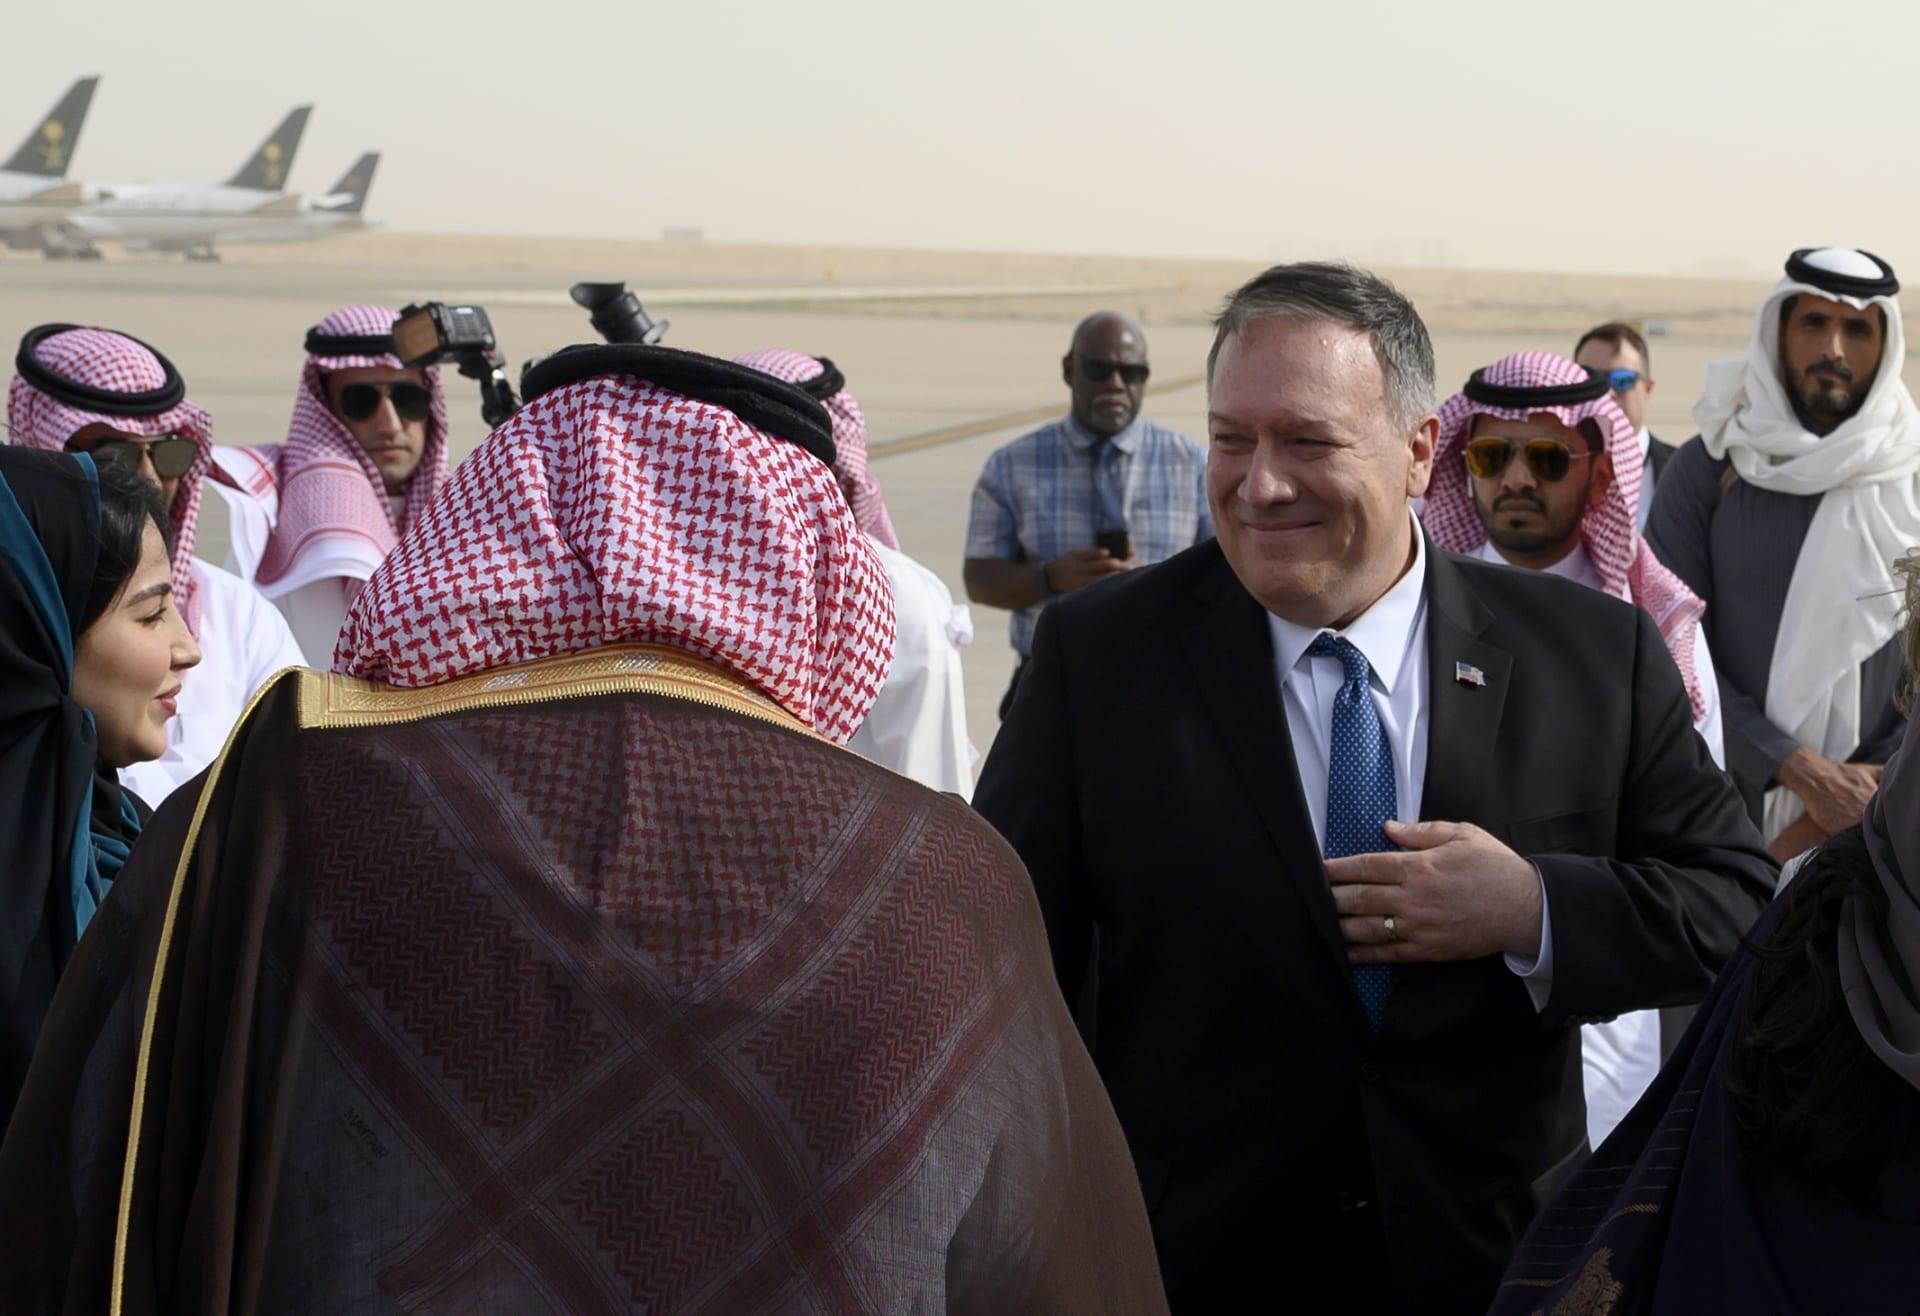 صورة ارشيفية لزيارة بومبيو إلى السعودية